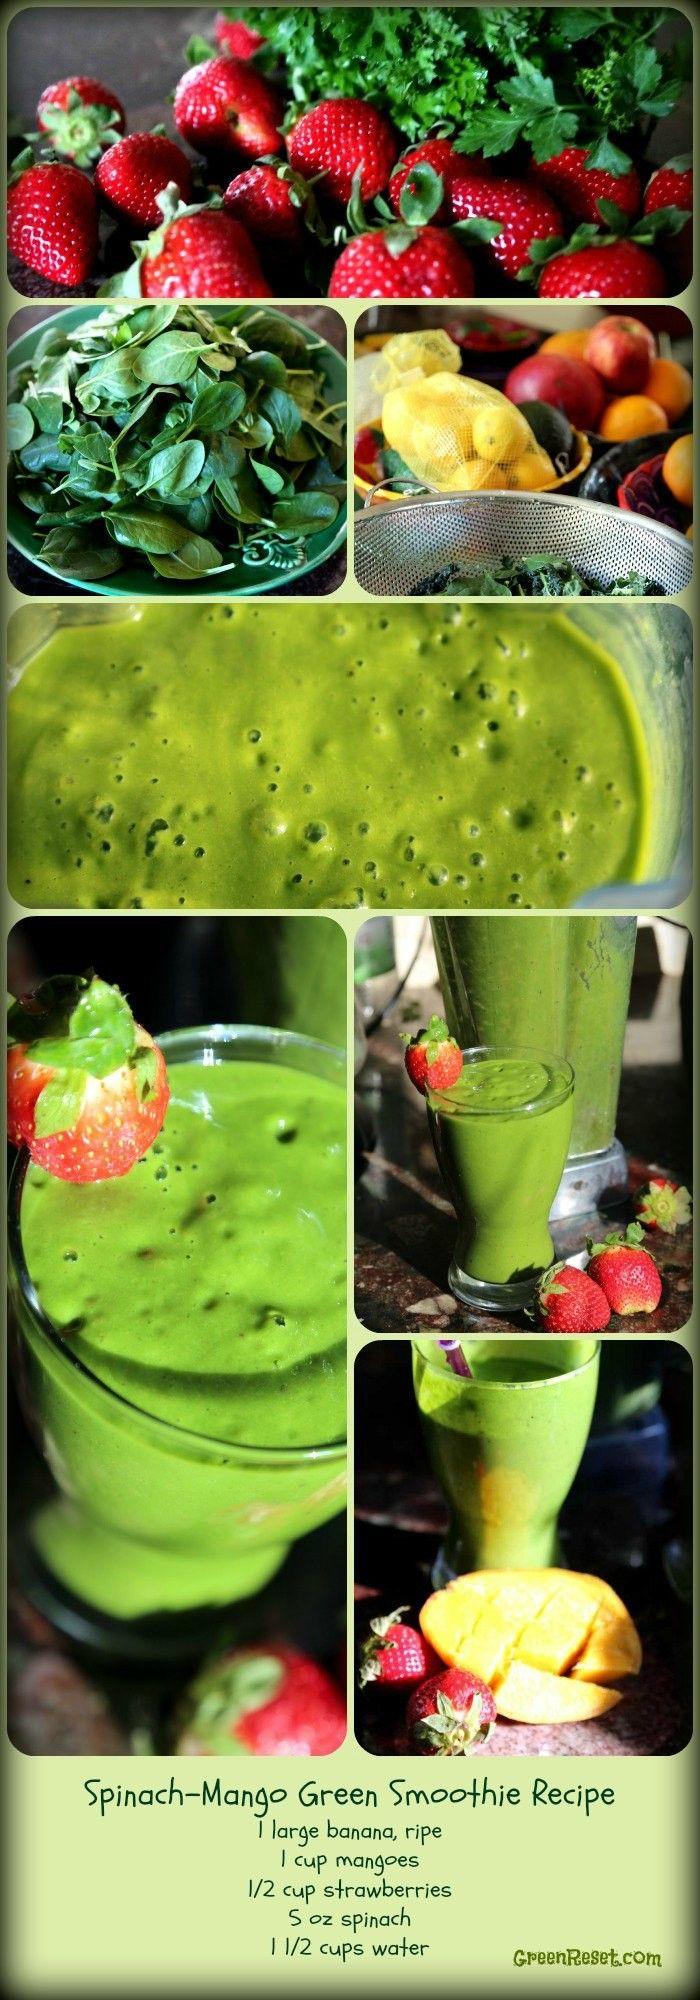 Spinach Mango Green Smoothie